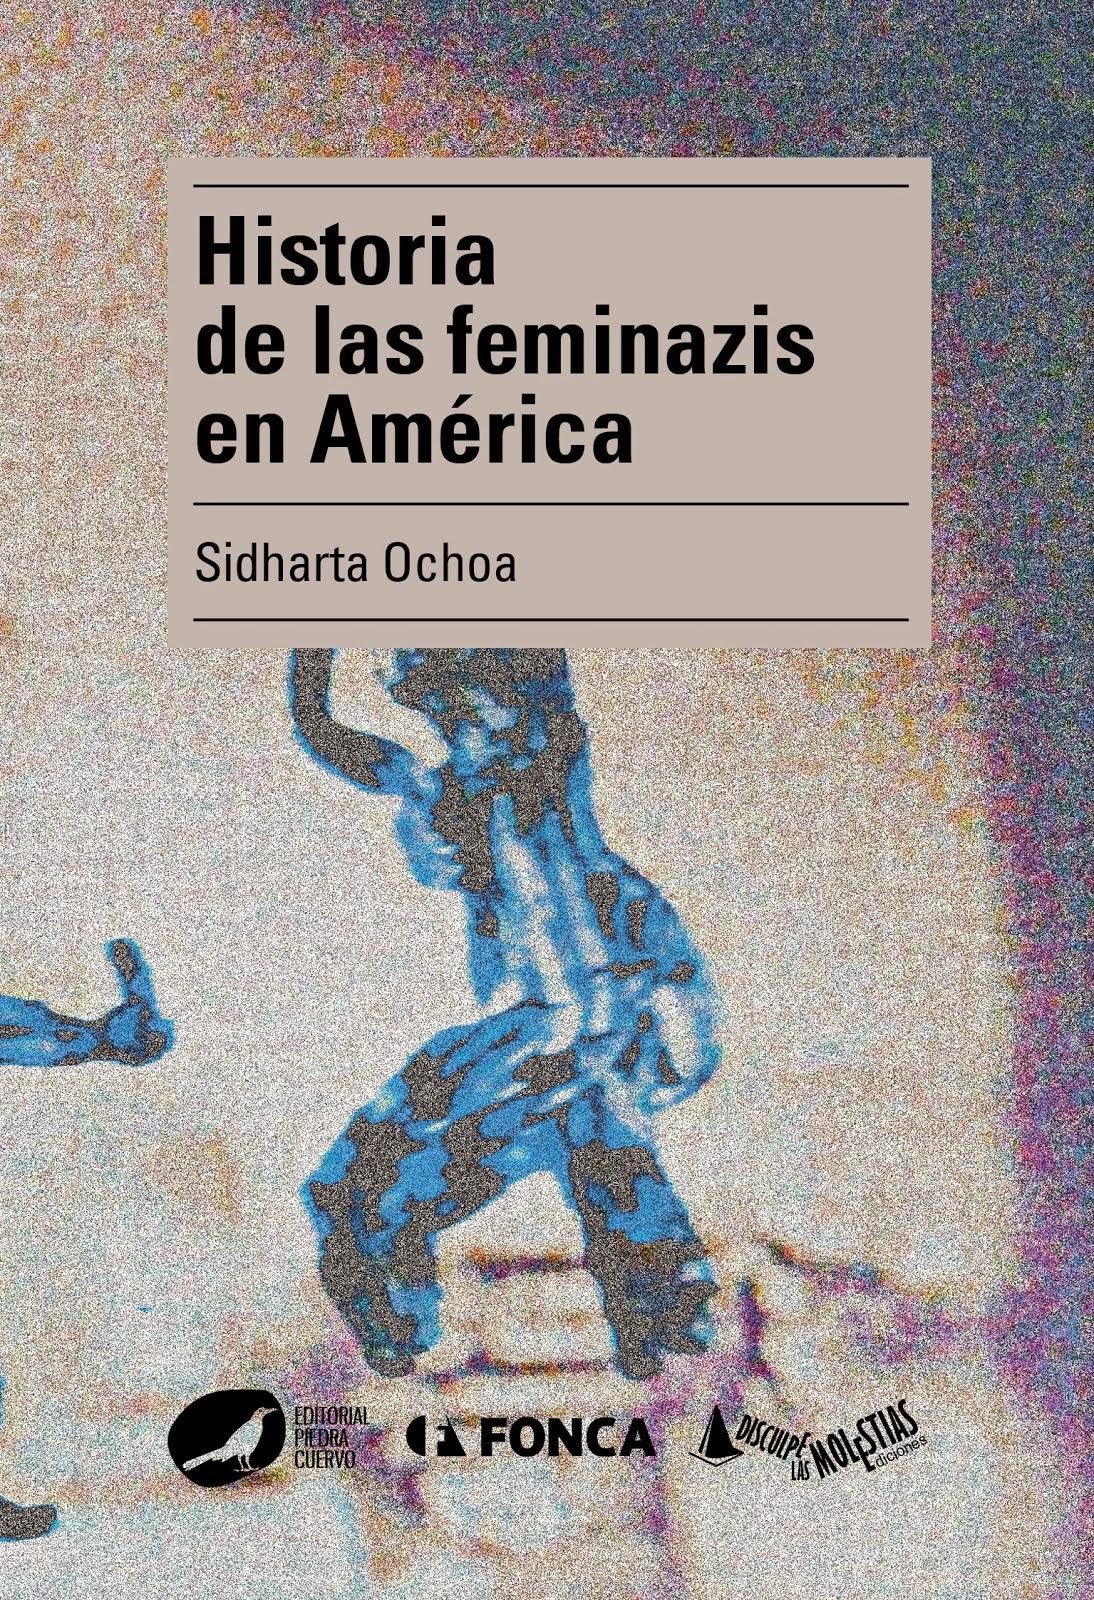 Historia de las feminazis en América de Sidharta Ochoa